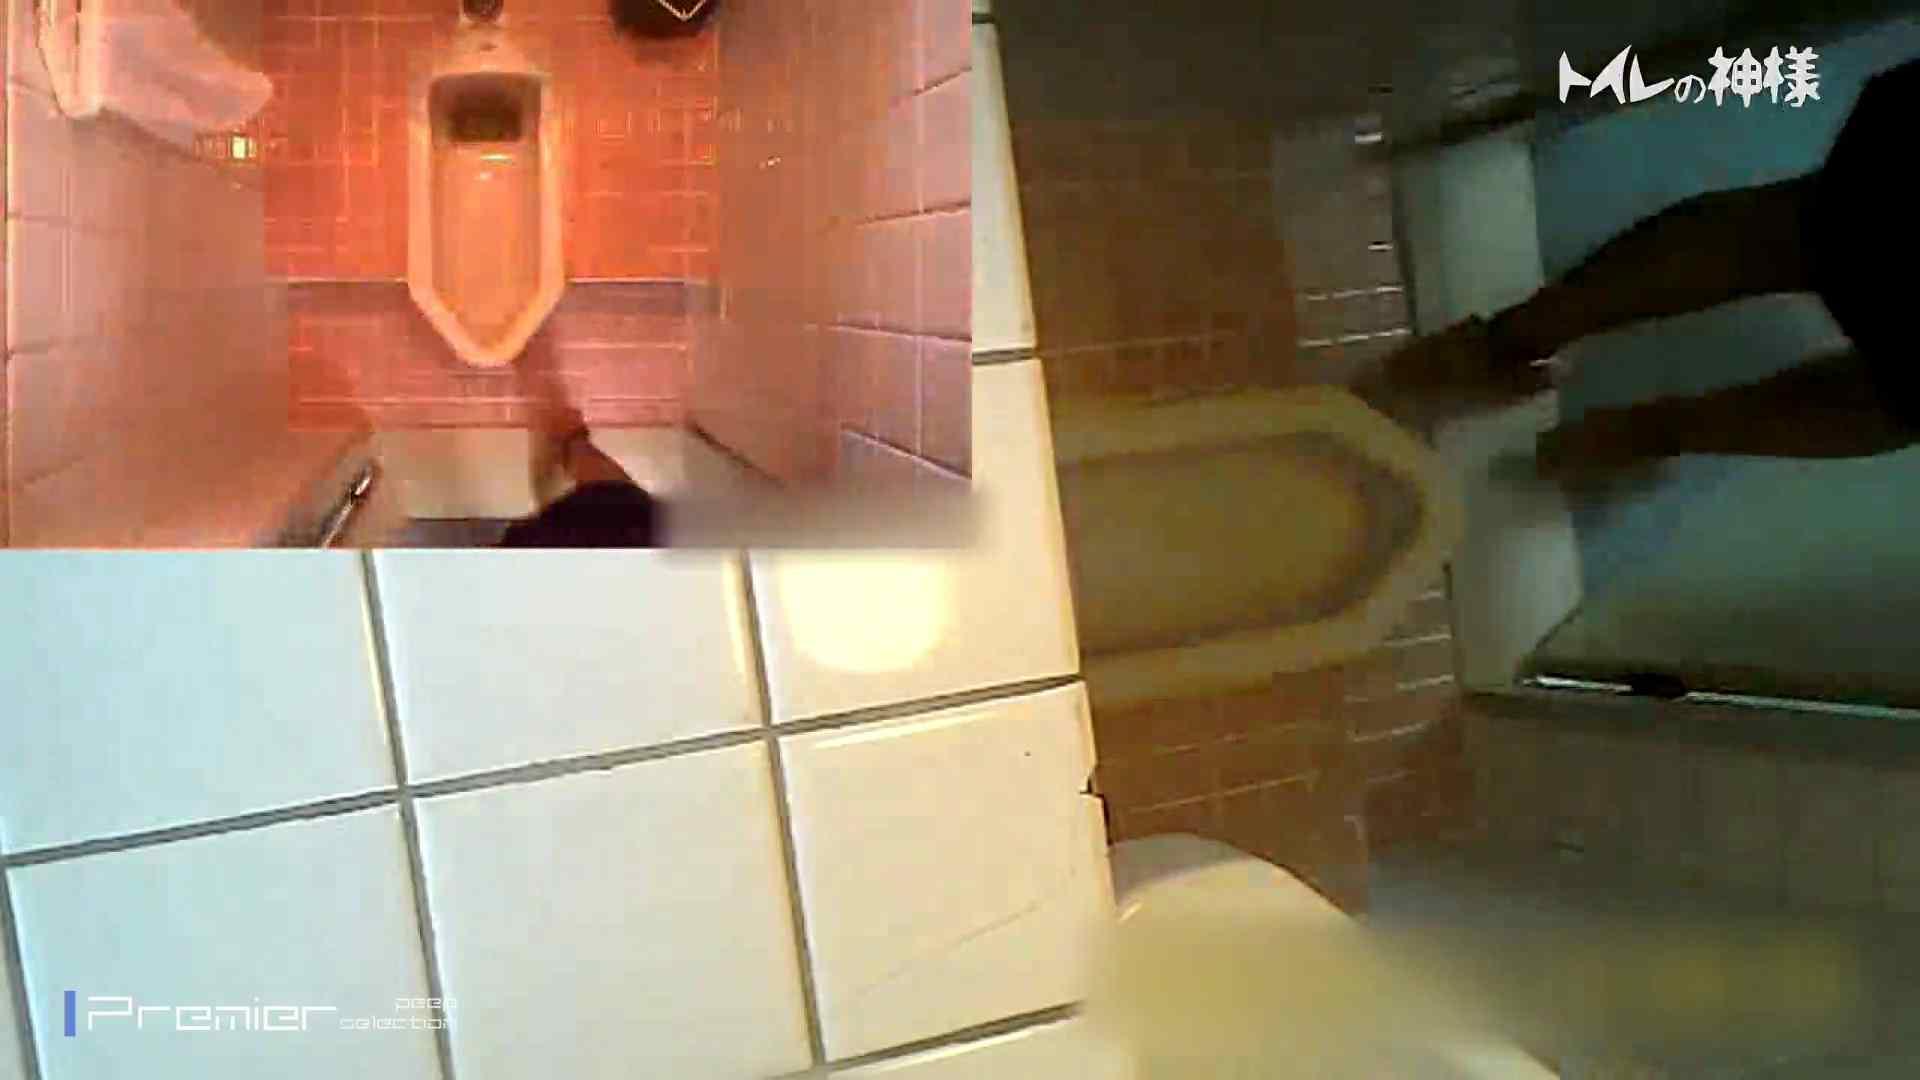 kyouko排泄 うんこをたくさん集めました。トイレの神様 Vol.14 OLの実態 盗撮動画紹介 53pic 2